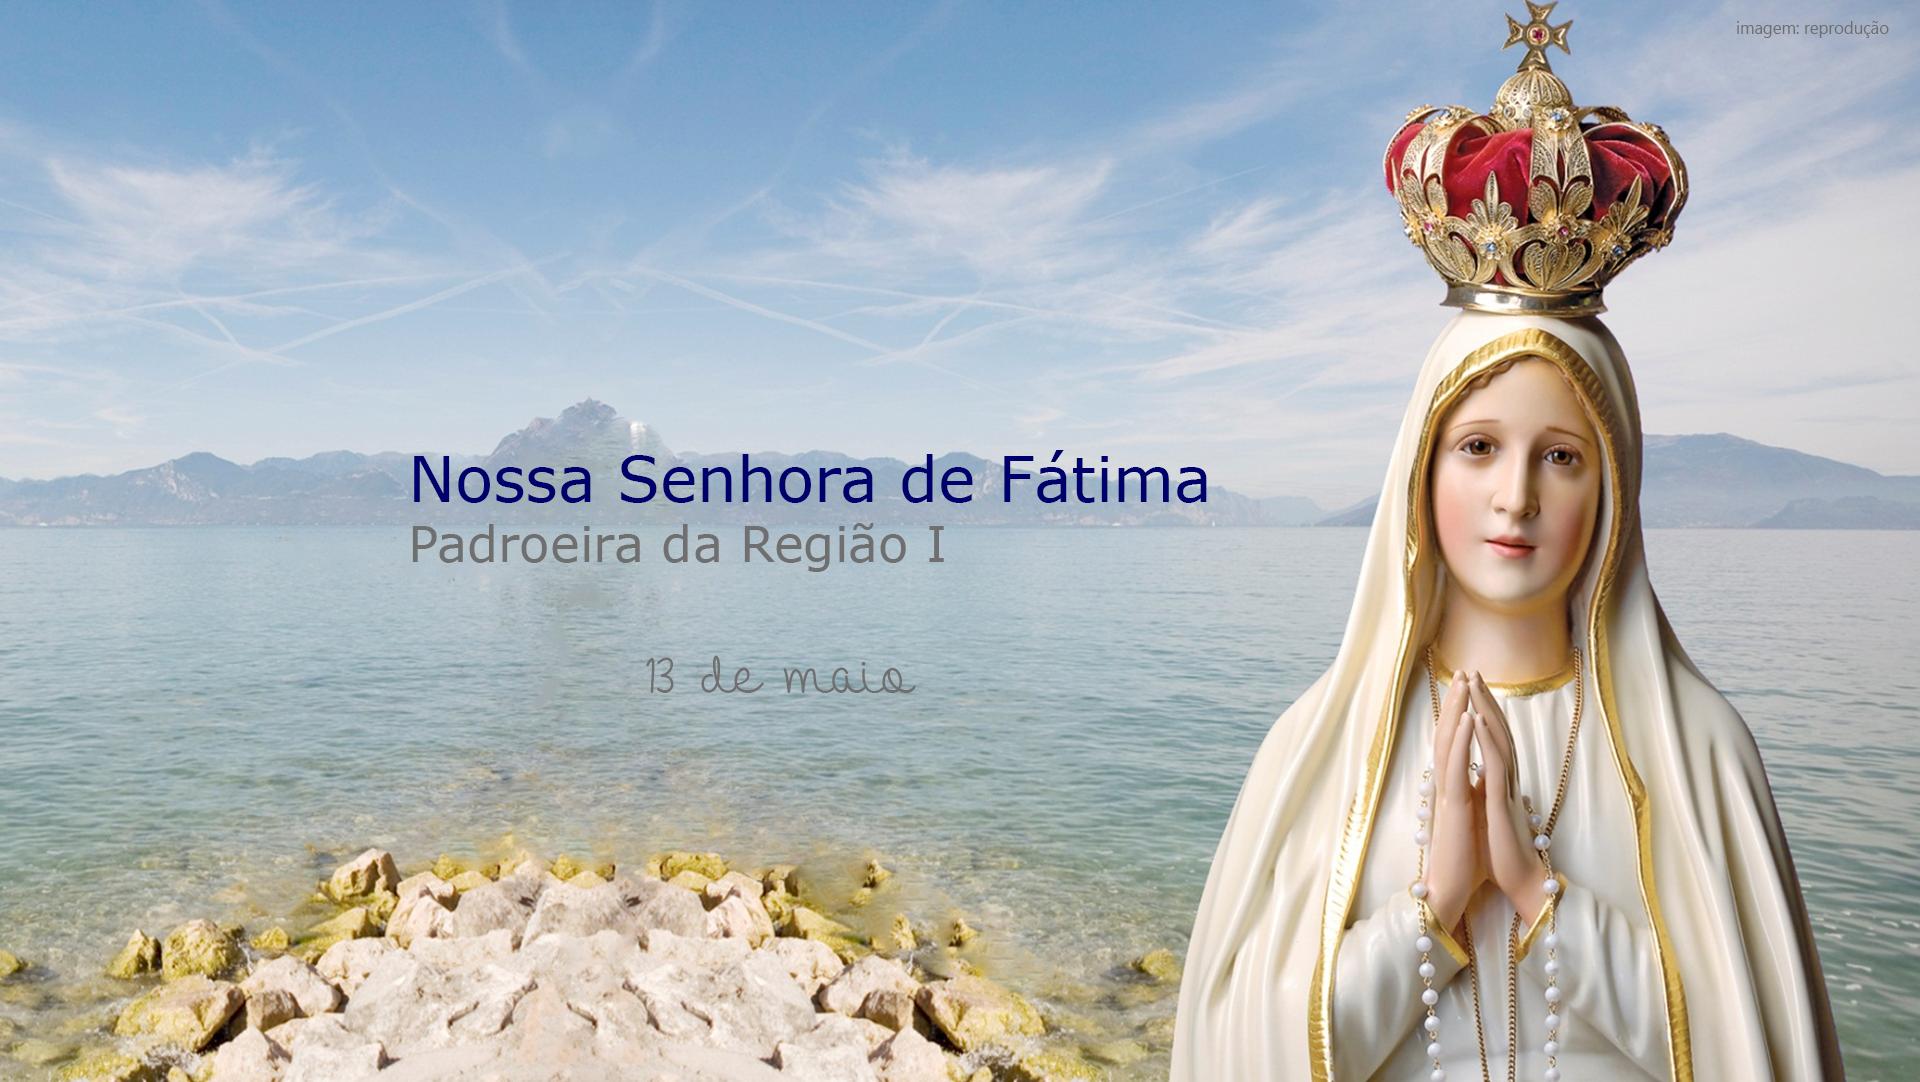 13 de maio: Dia de Nossa Senhora de Fátima.